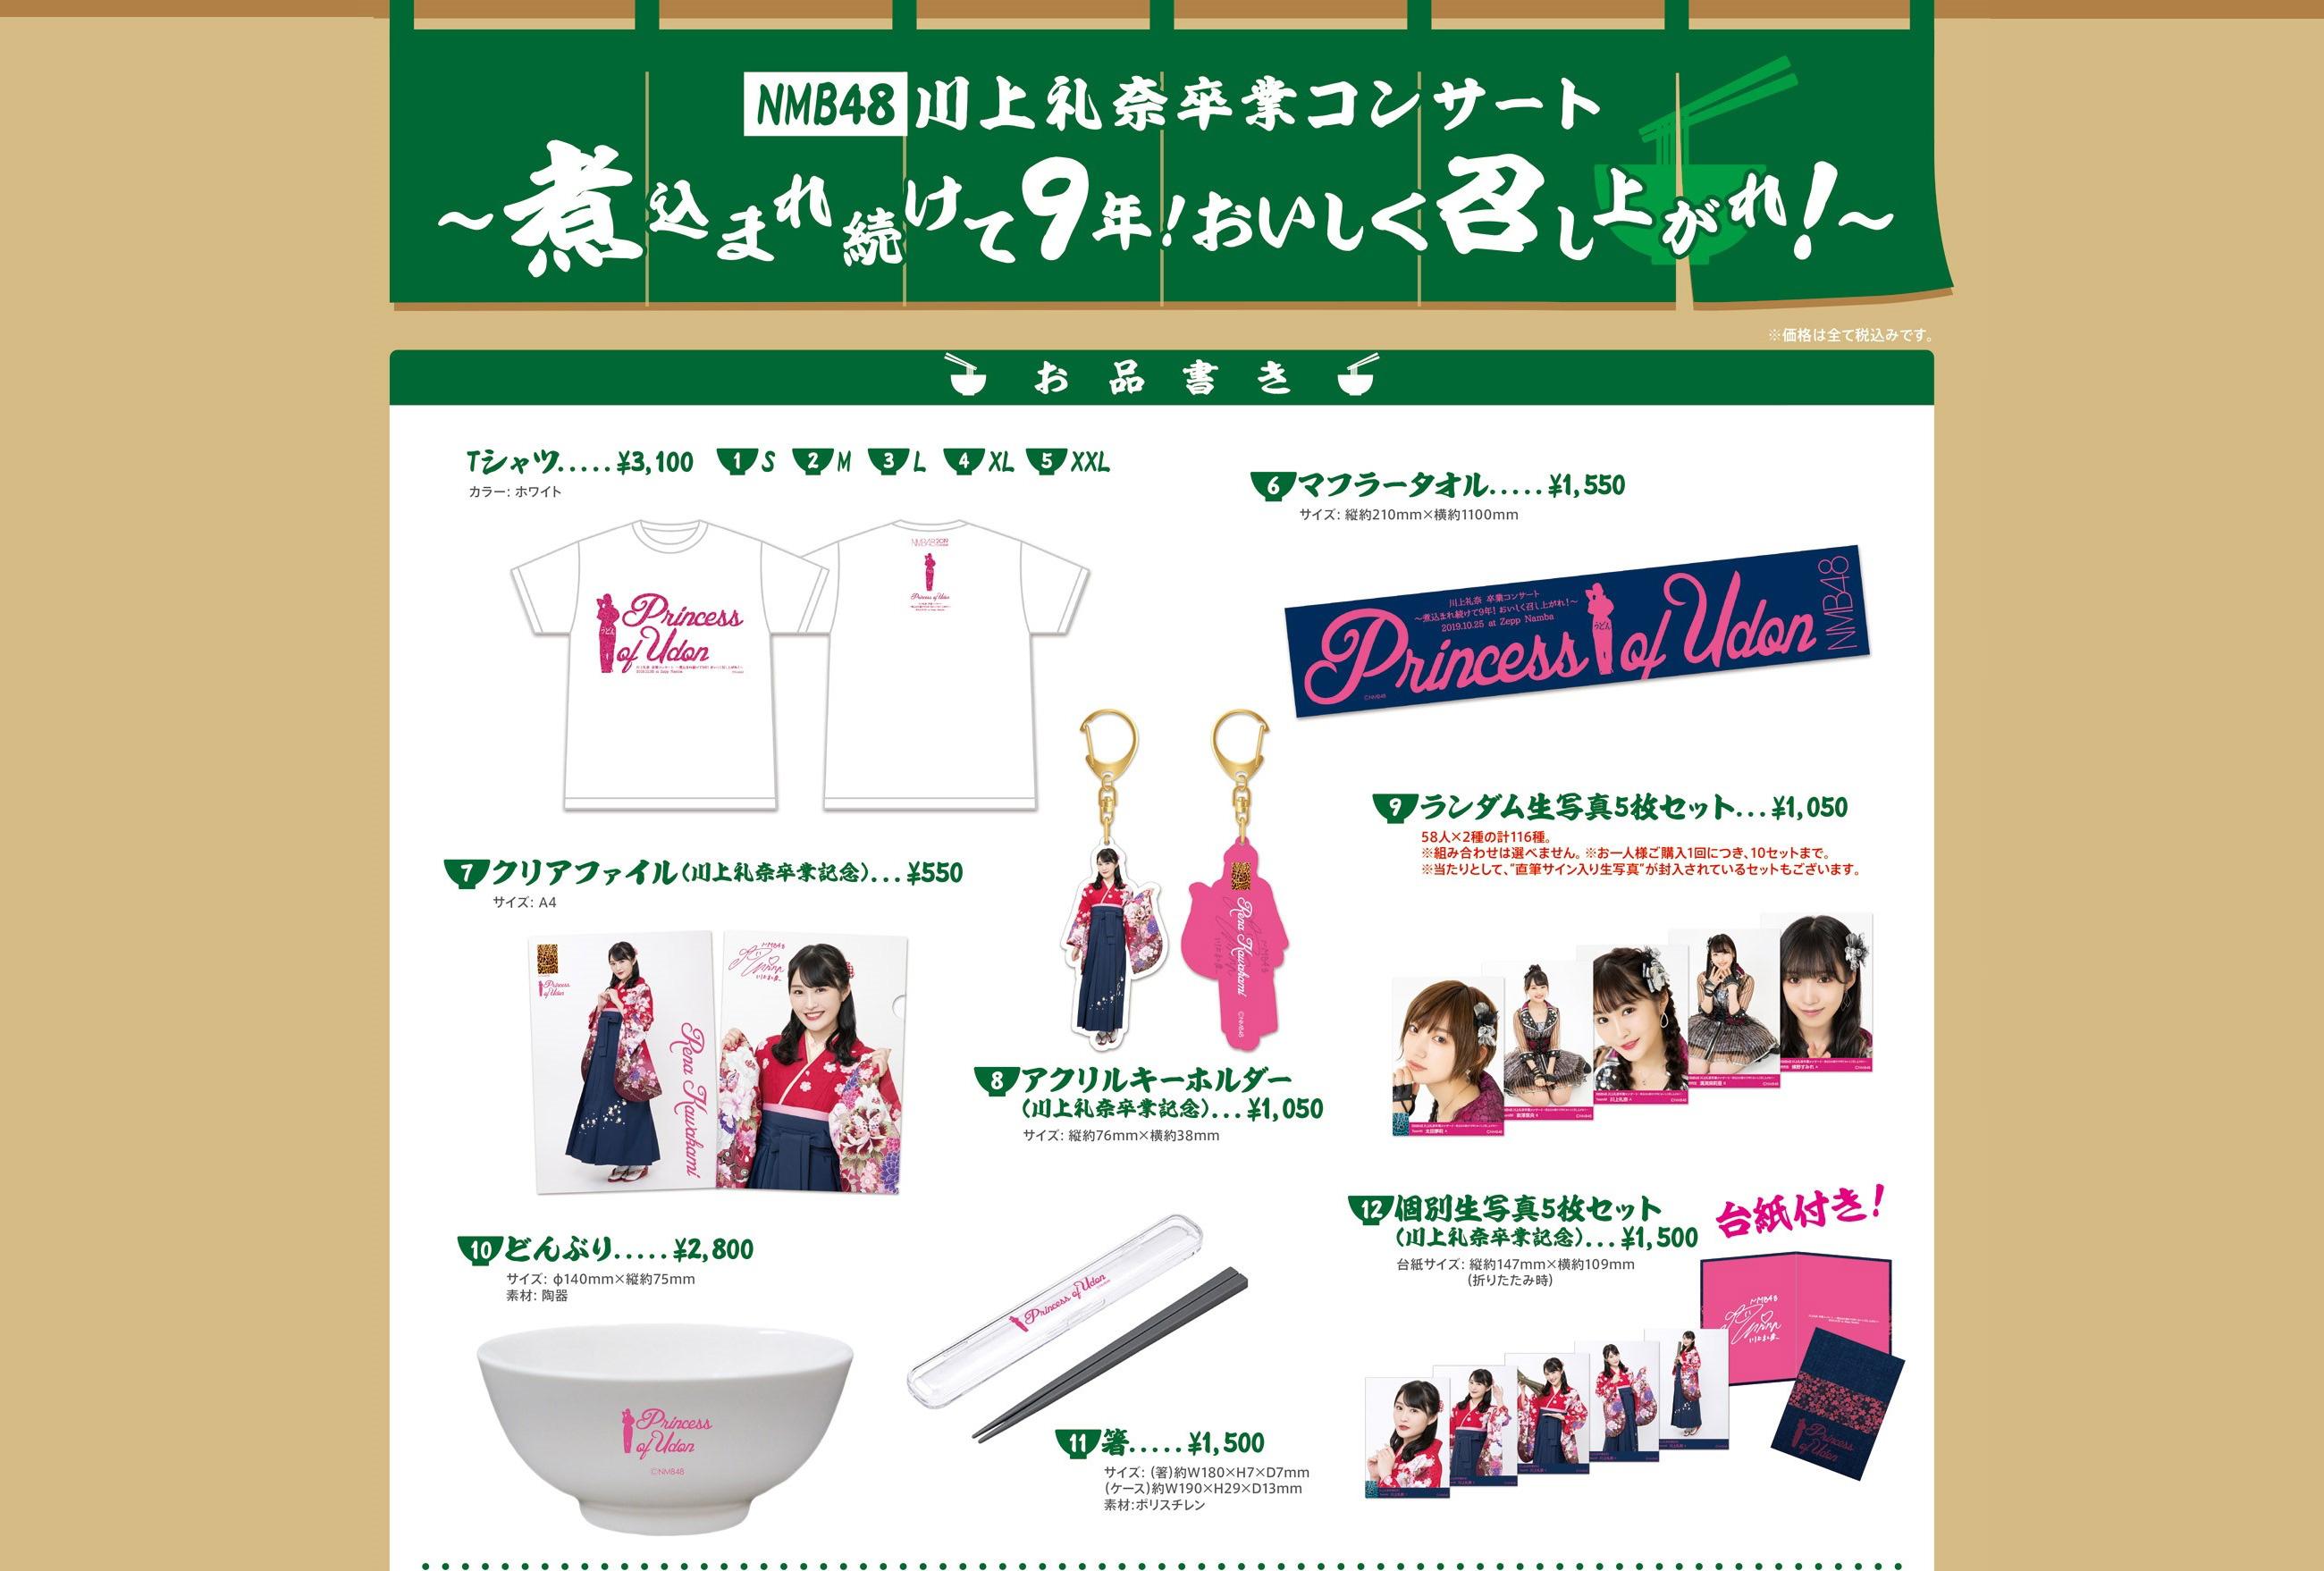 【NMB48】川上礼奈卒業コンサート「煮込まれ続けて9年!おいしく召し上がれ!」のグッズが発表